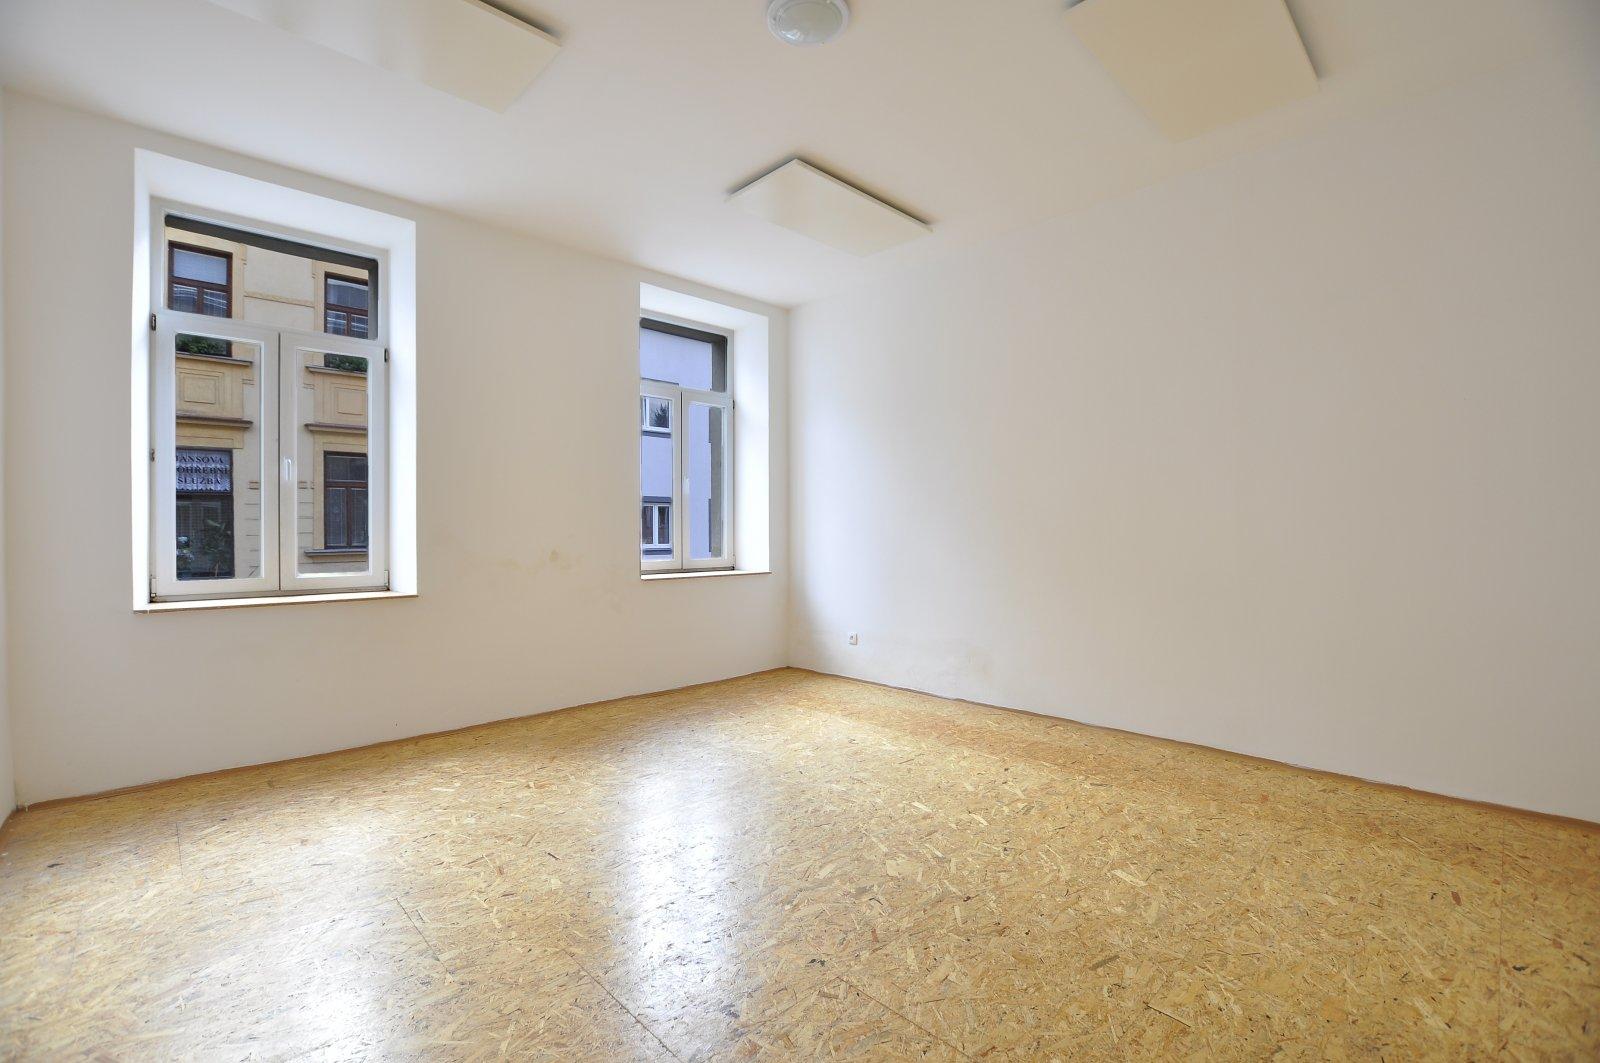 Pronájem: Zděný byt 1+1 po rekonstrukci, Úpice - centrum, okres Trutnov